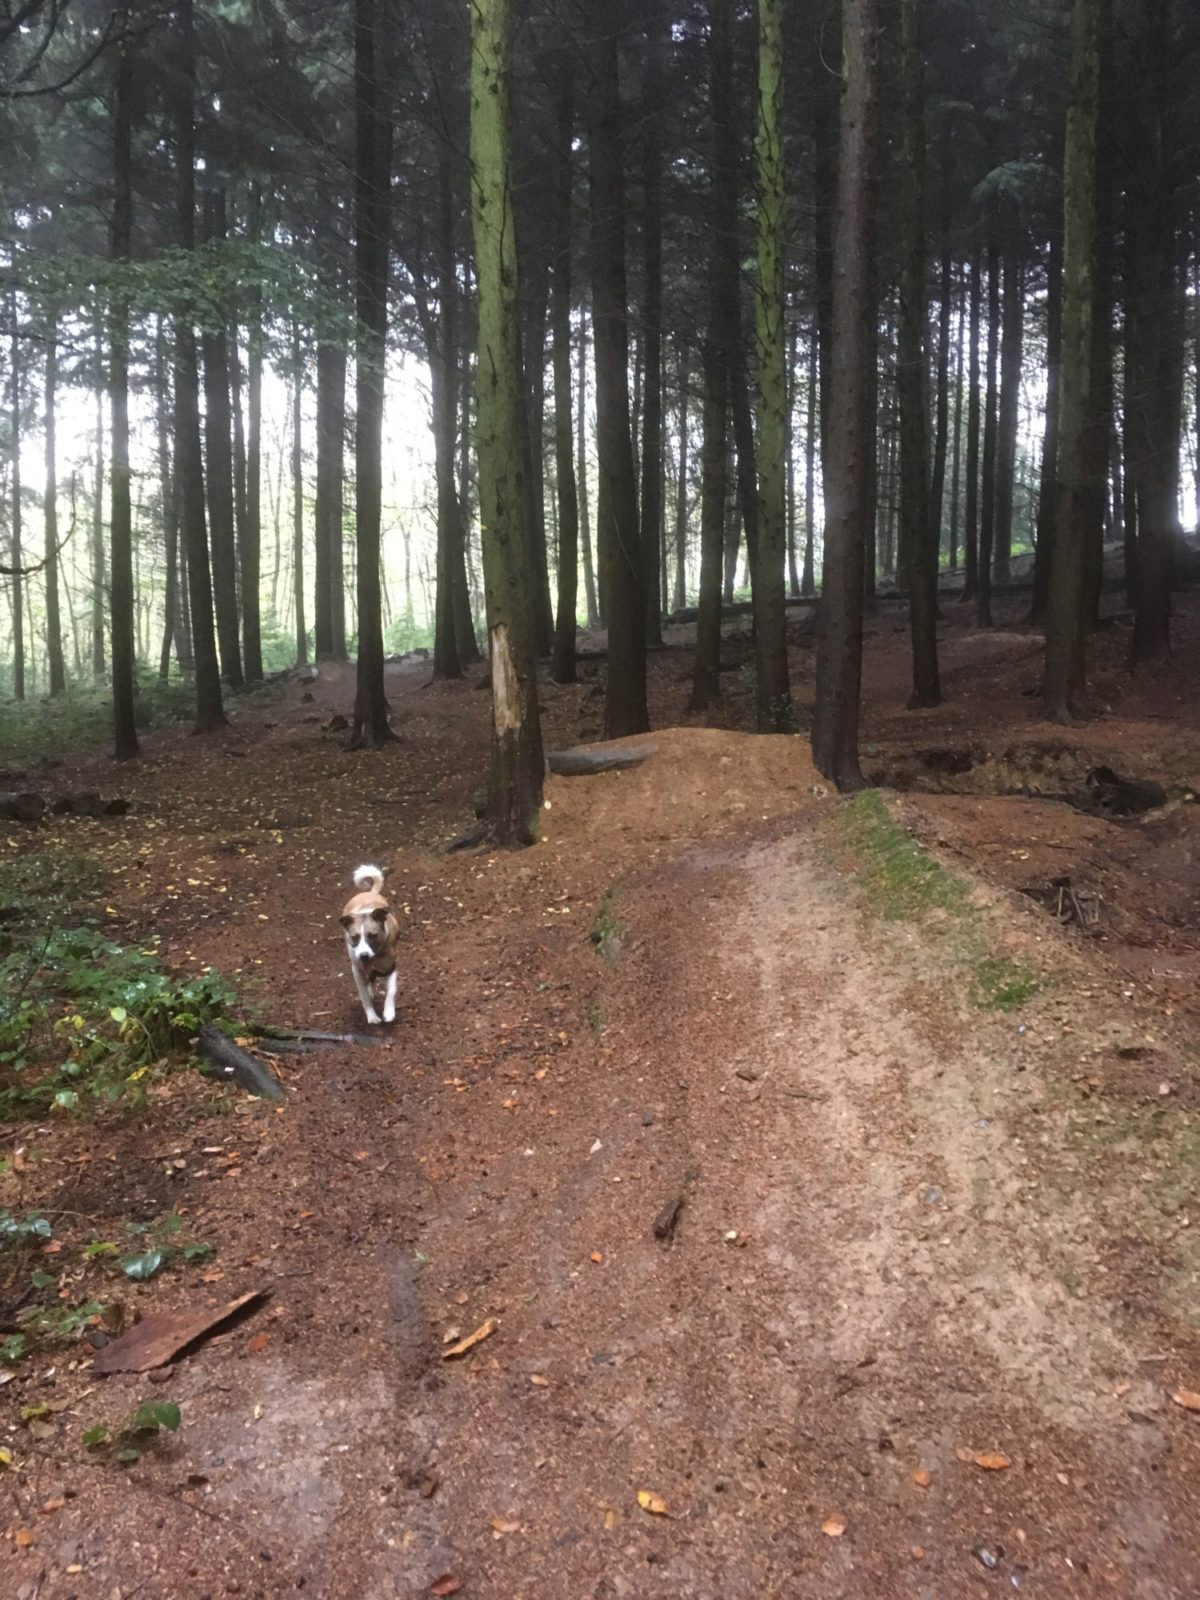 Sulham Woods large photo 3